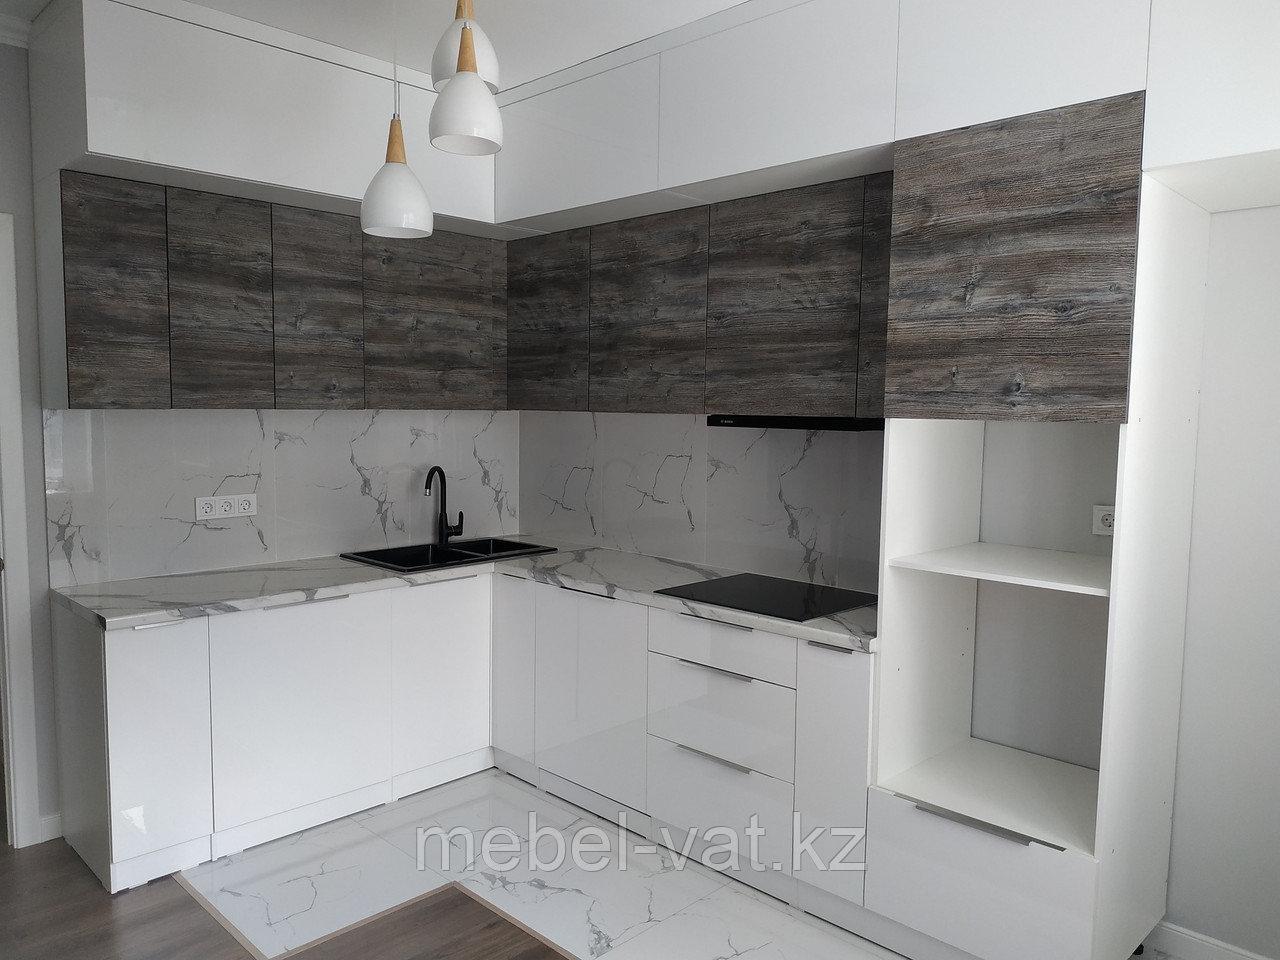 Комплект мебели: Кухня, шкаф со столом, туалетный столик, ТВ-тумба, тумба в ванную